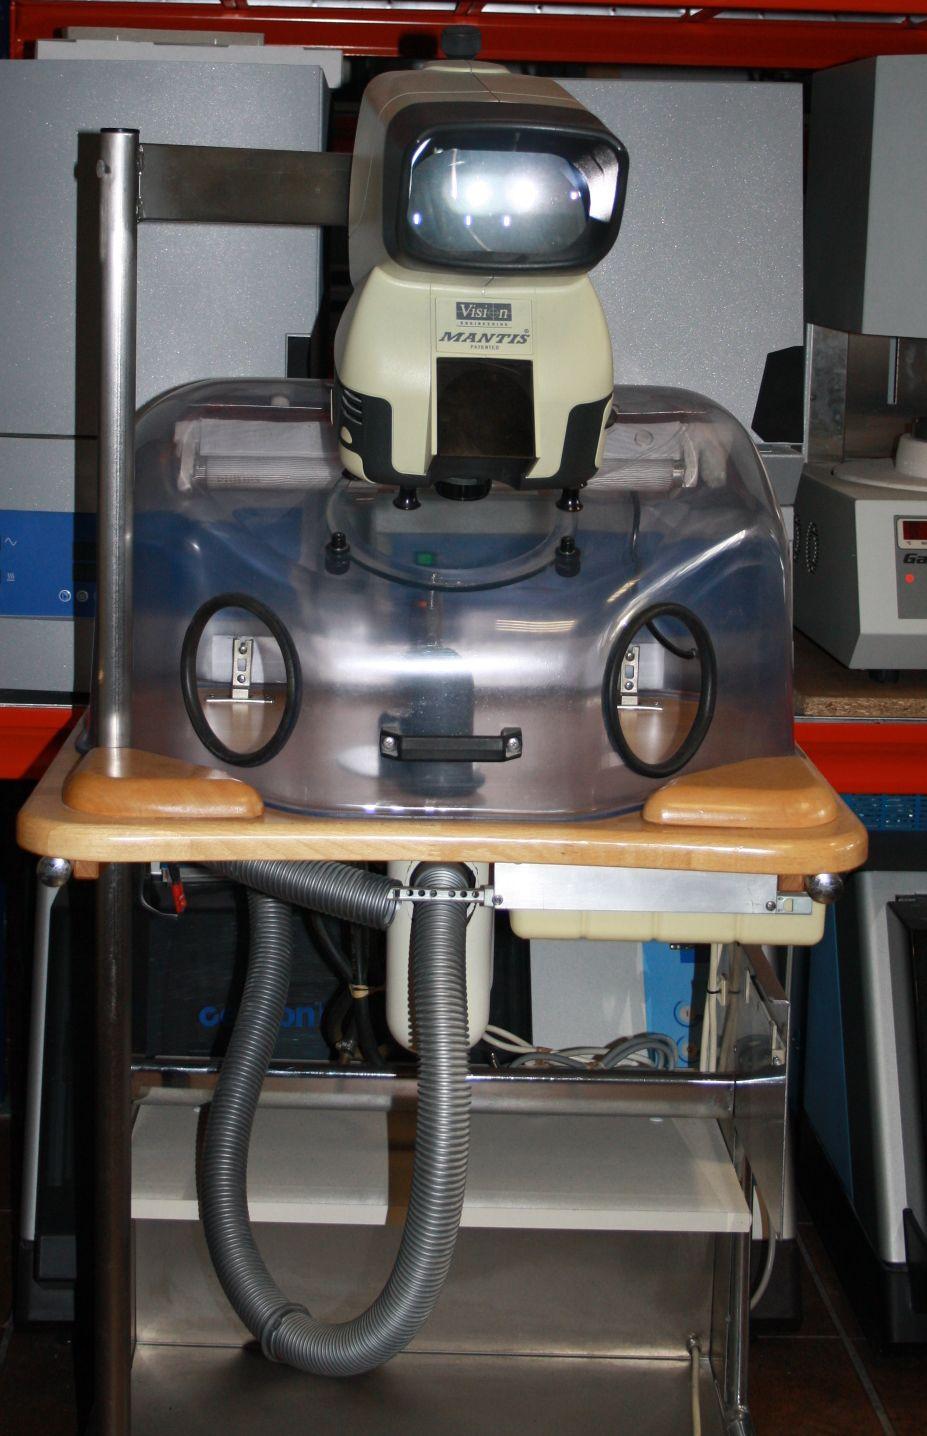 Reitel Schleif/Absaugbox mit integriertem Mantis Mikroskop # 4456